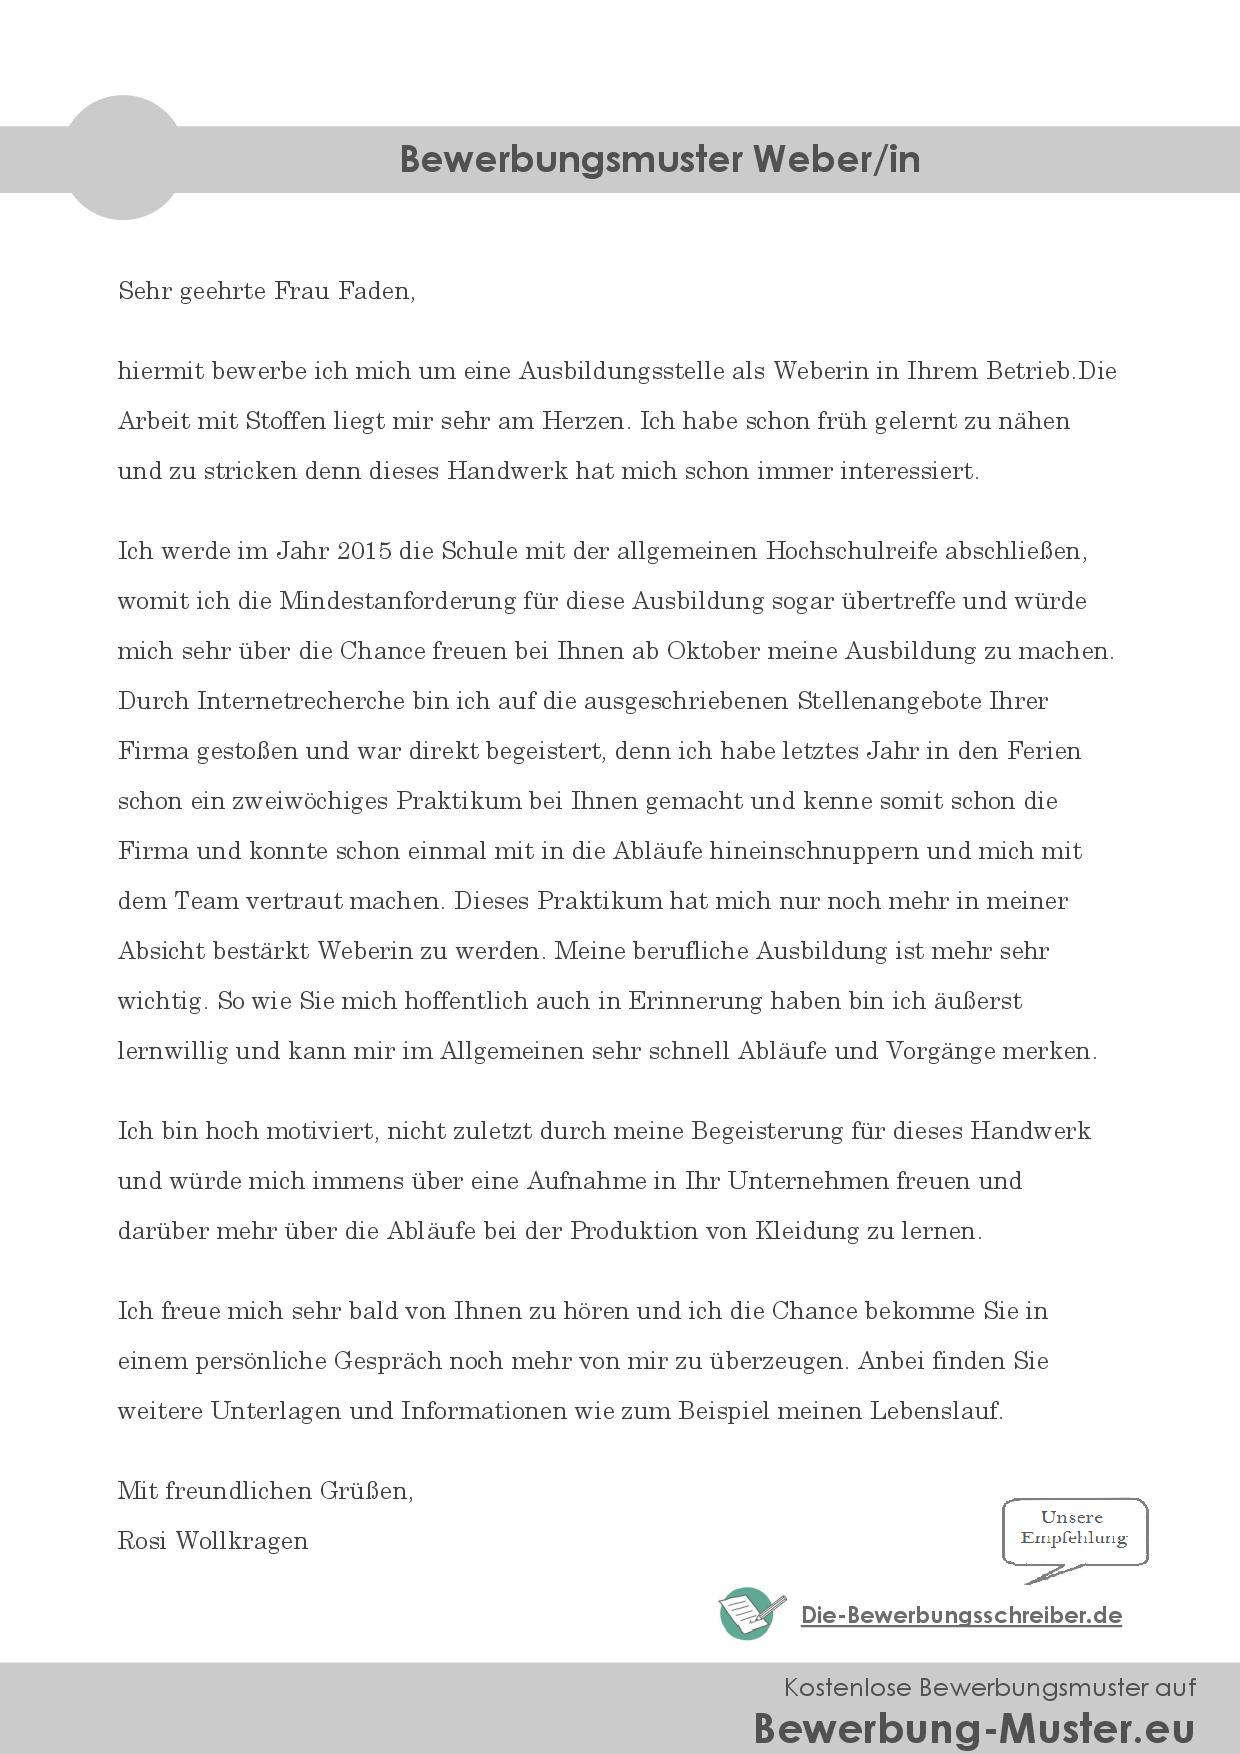 Professionelle Bewerbungsvorlage Weber Weberin